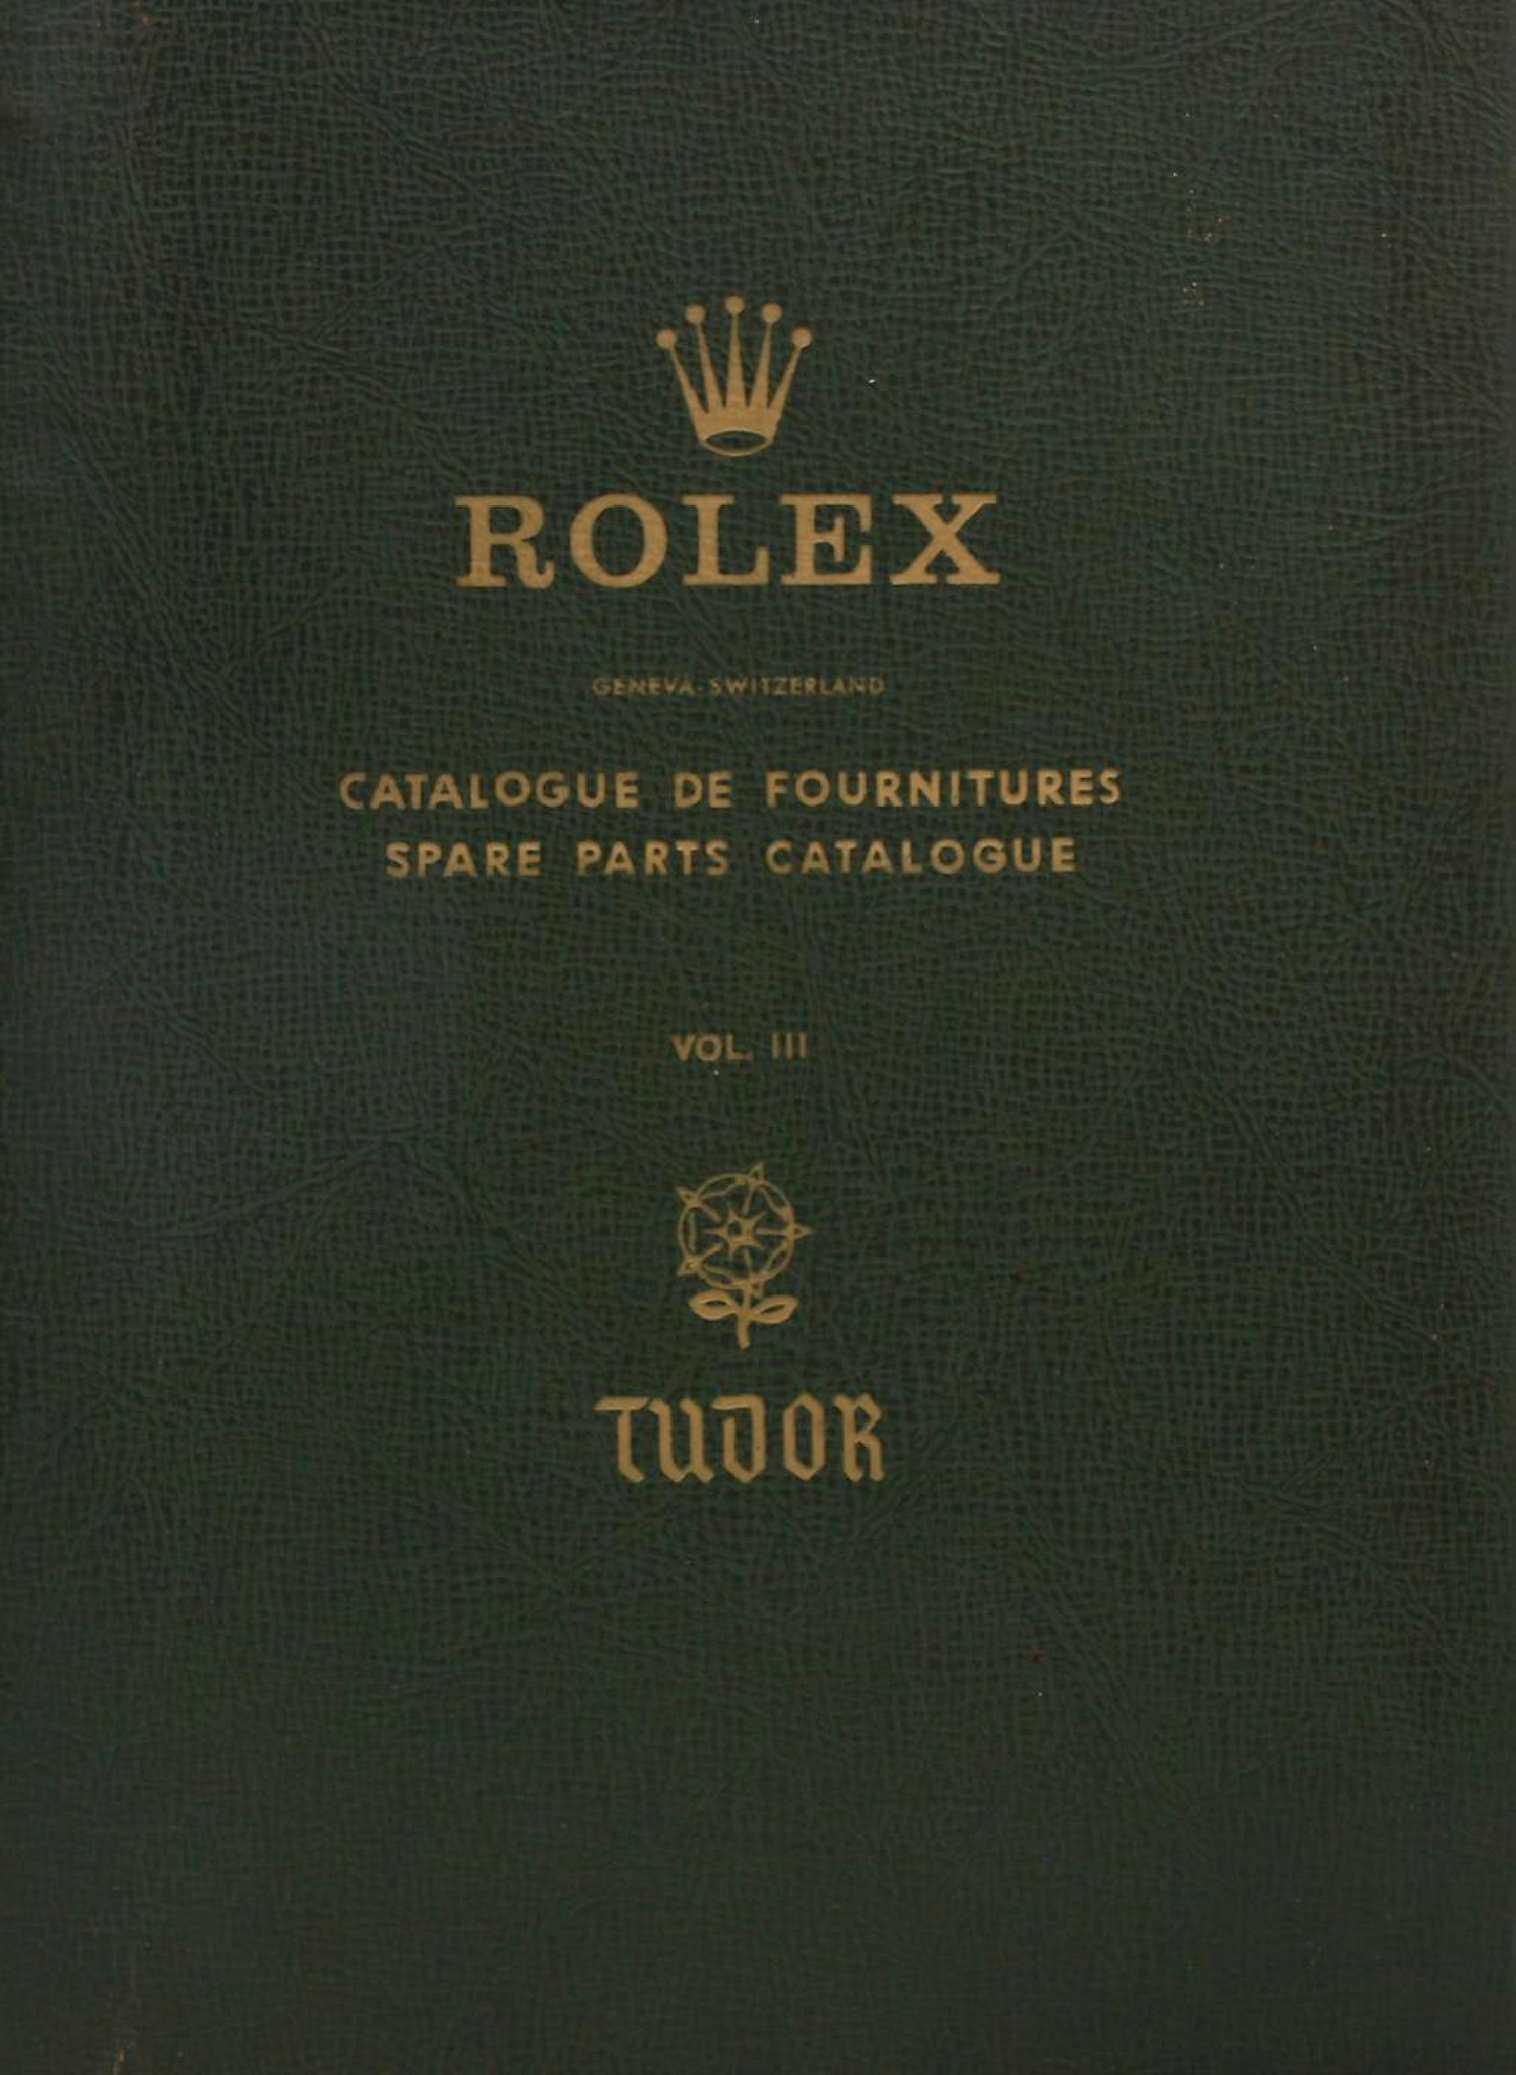 Calameo Downloader Rolex Parts Diagram Tudor Spare Catalogue Vol Iii 1960